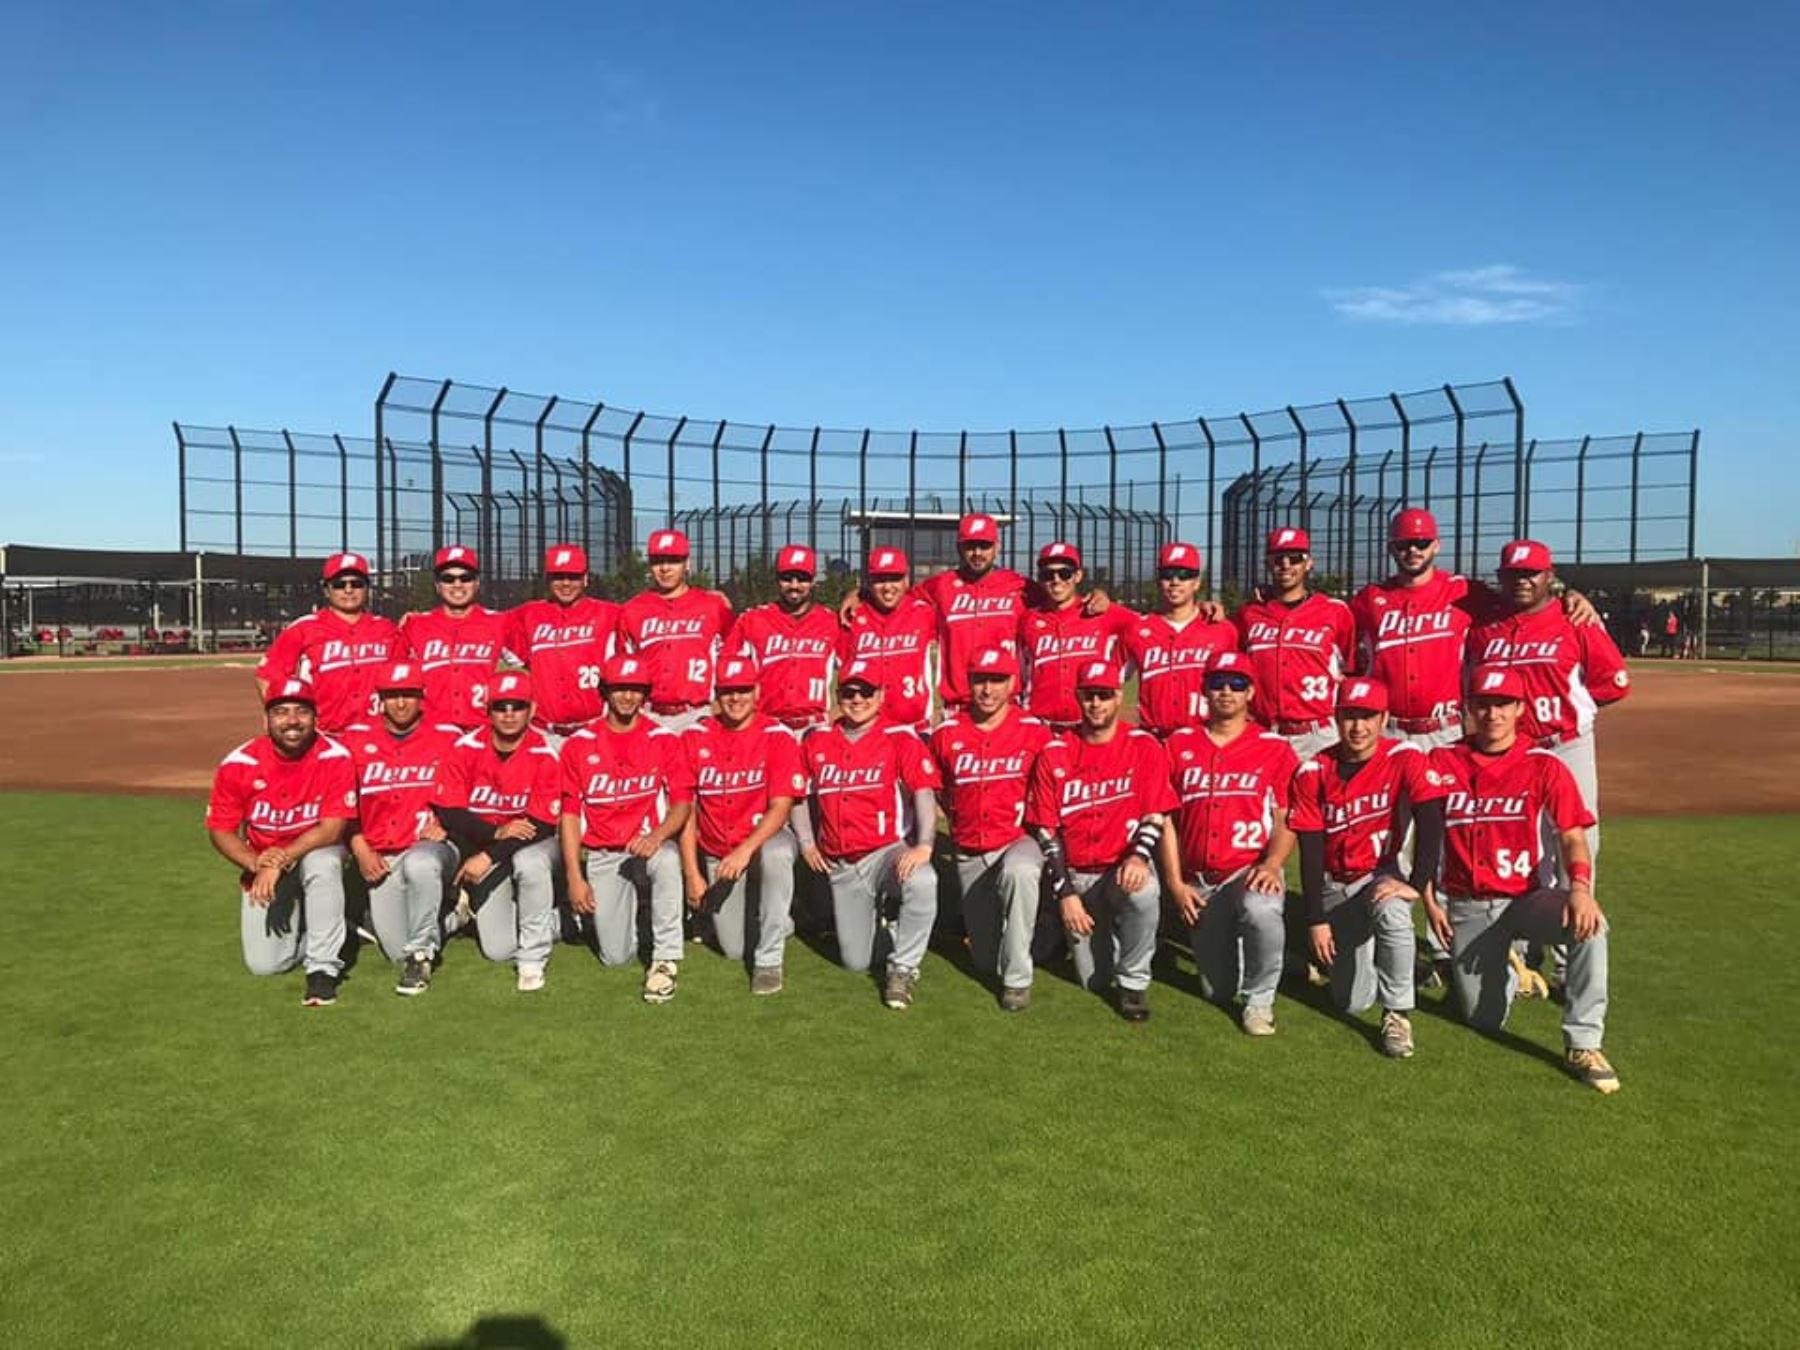 El equipo peruano de béisbol comienza a elevar su nivel con miras a los Juegos Panamericanos 2019